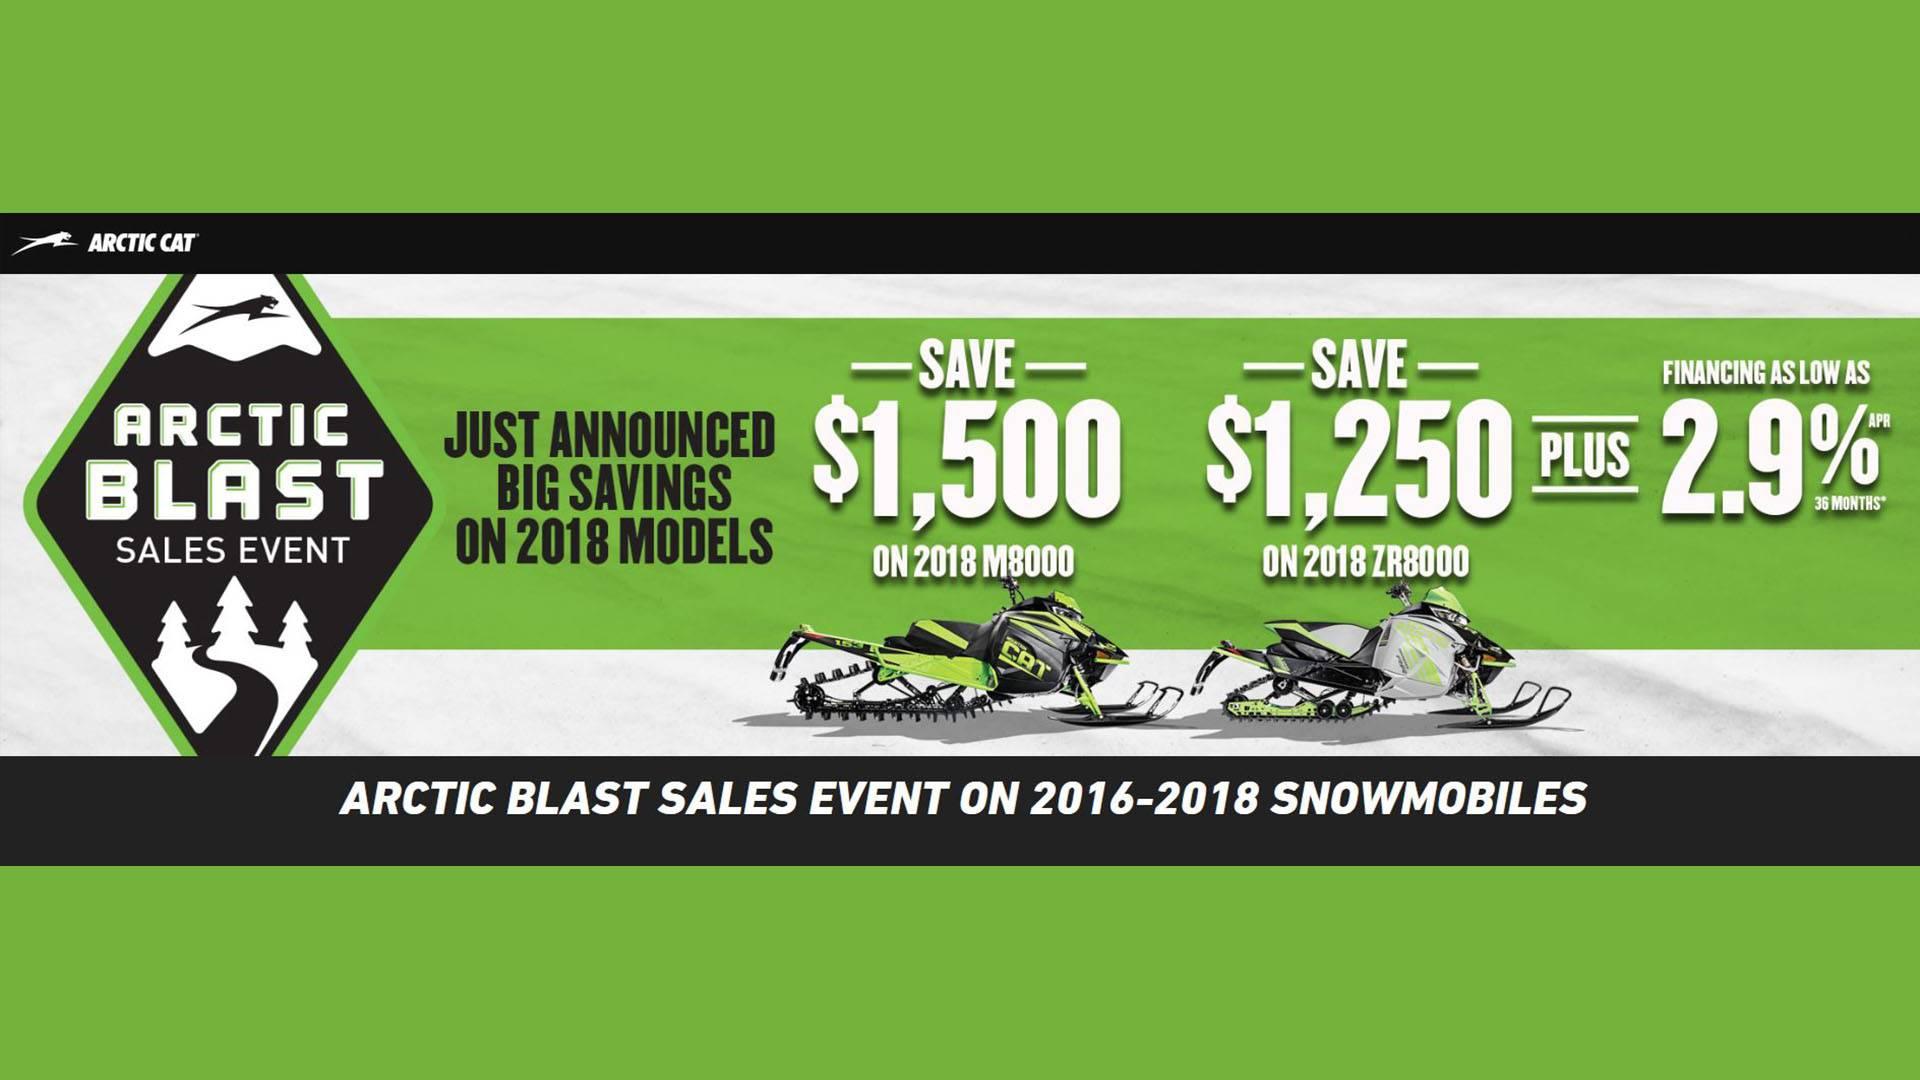 Arctic Cat - Arctic Blast Sales Event